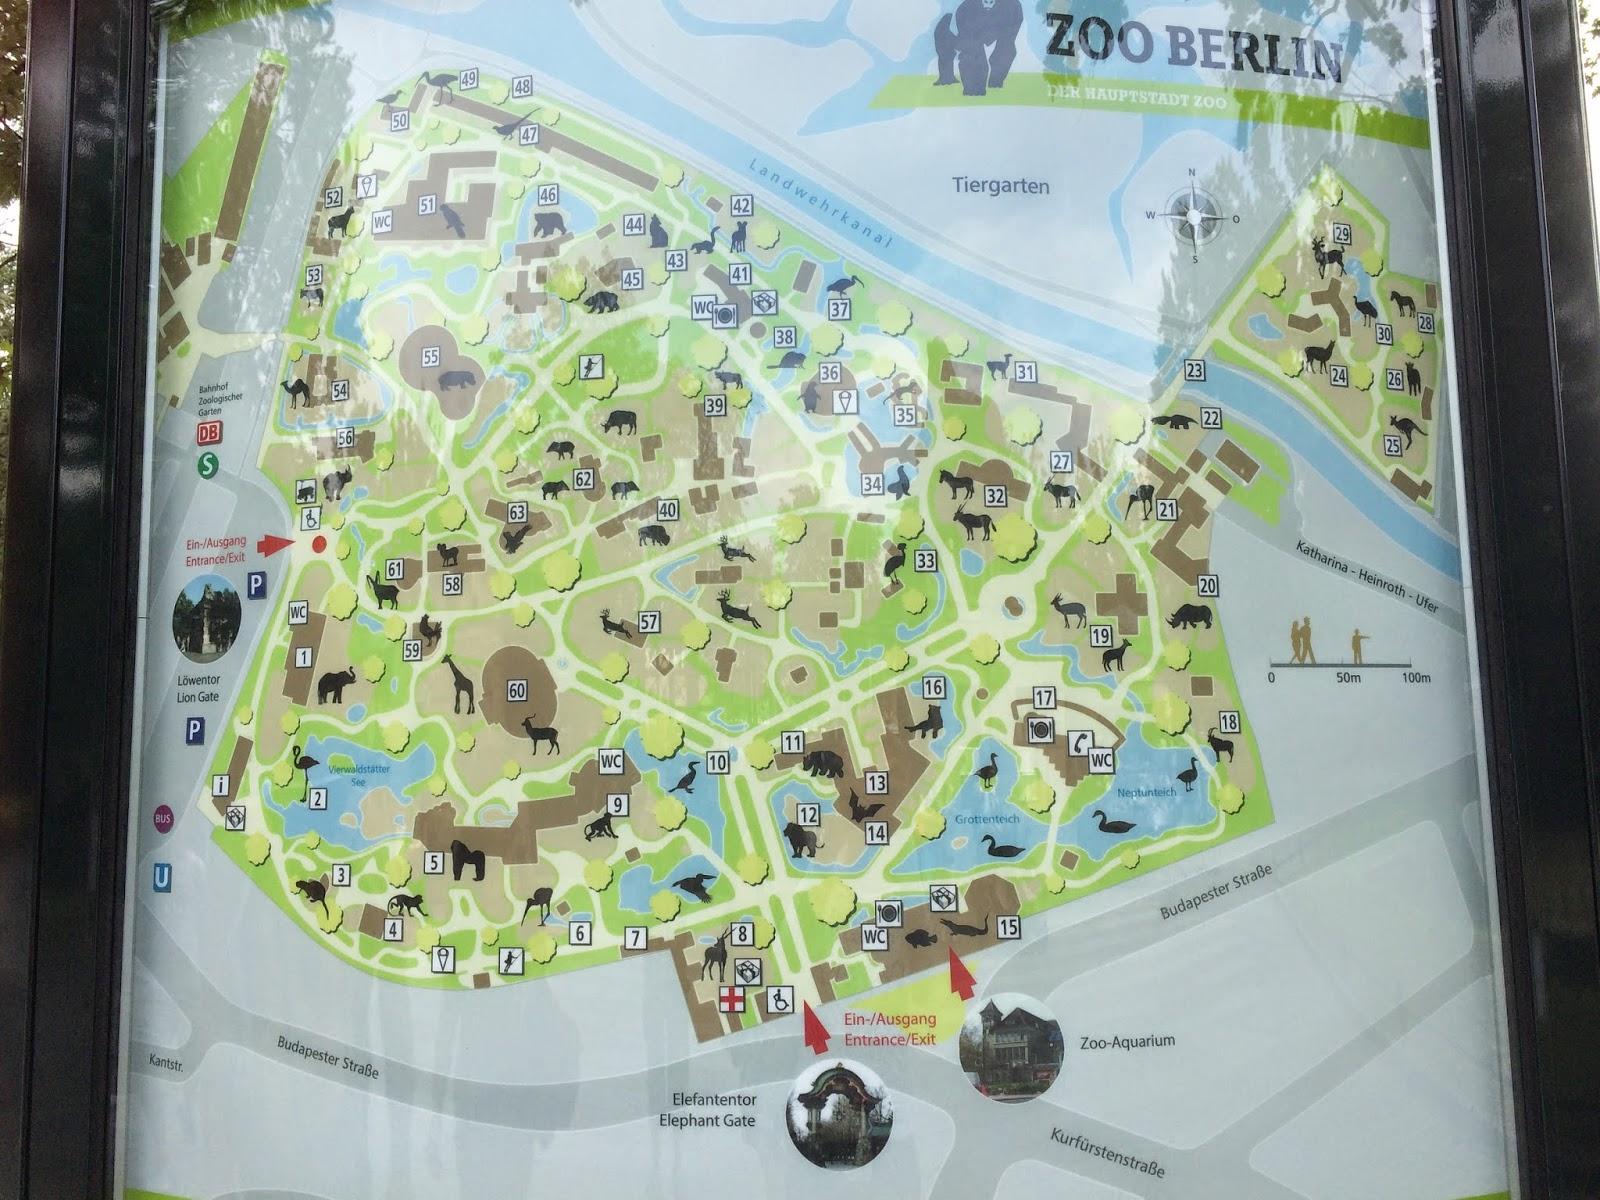 Berlin Zoo Karta.Vardags Glitter Och Husbilsliv Zoo Berlin Och Zoo Aquarium Berlin